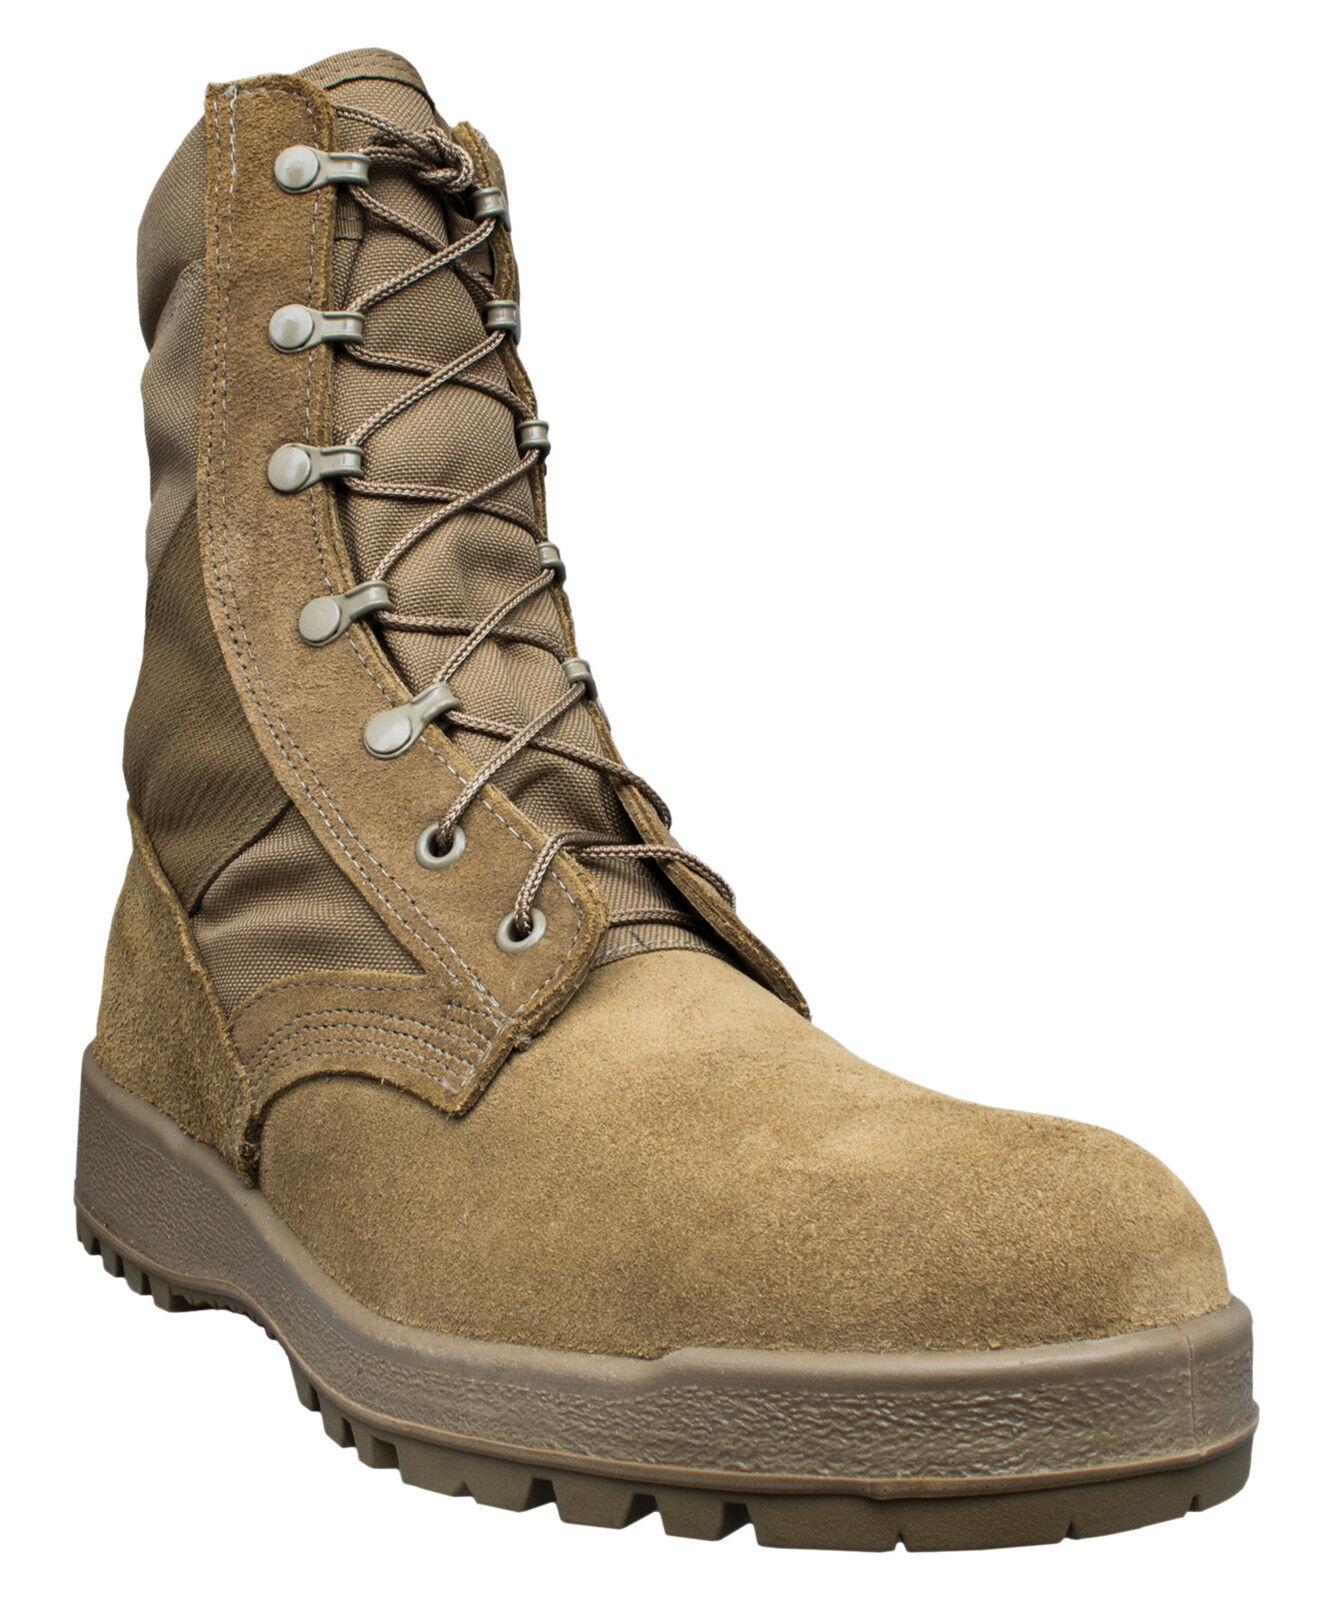 McRae Footwear 8189 Mil-Spec Hot Weather Coyote Boot w/ Vibram Vibram w/ Sierra Outsole 313b7c